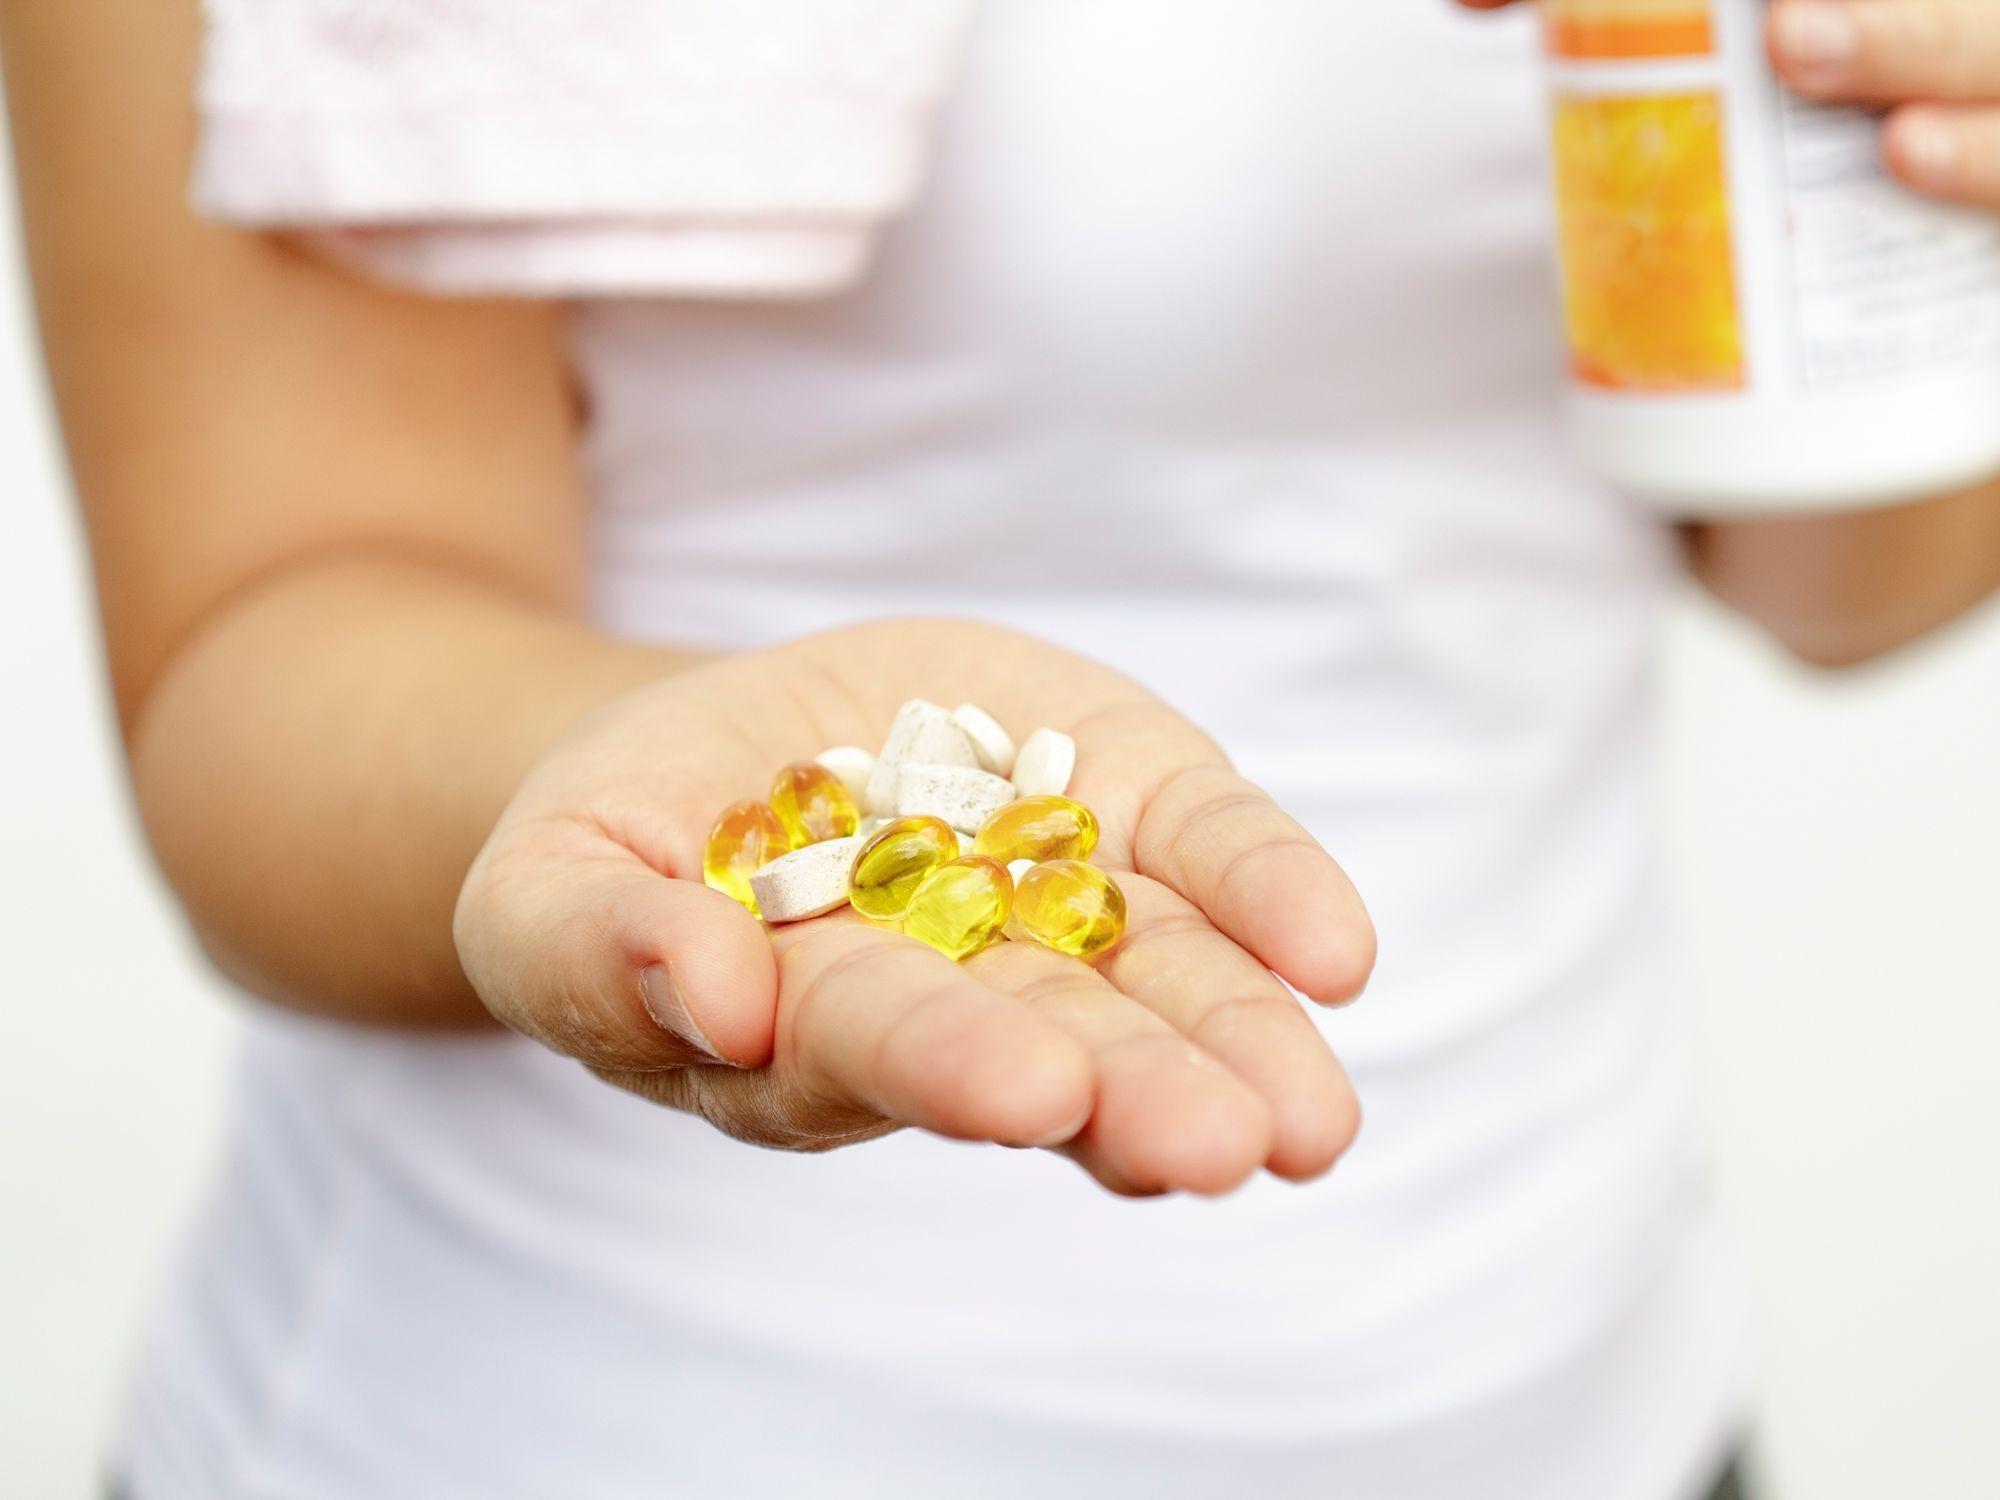 Лучшие витамины для улучшения памяти и работы мозга в 2020 году